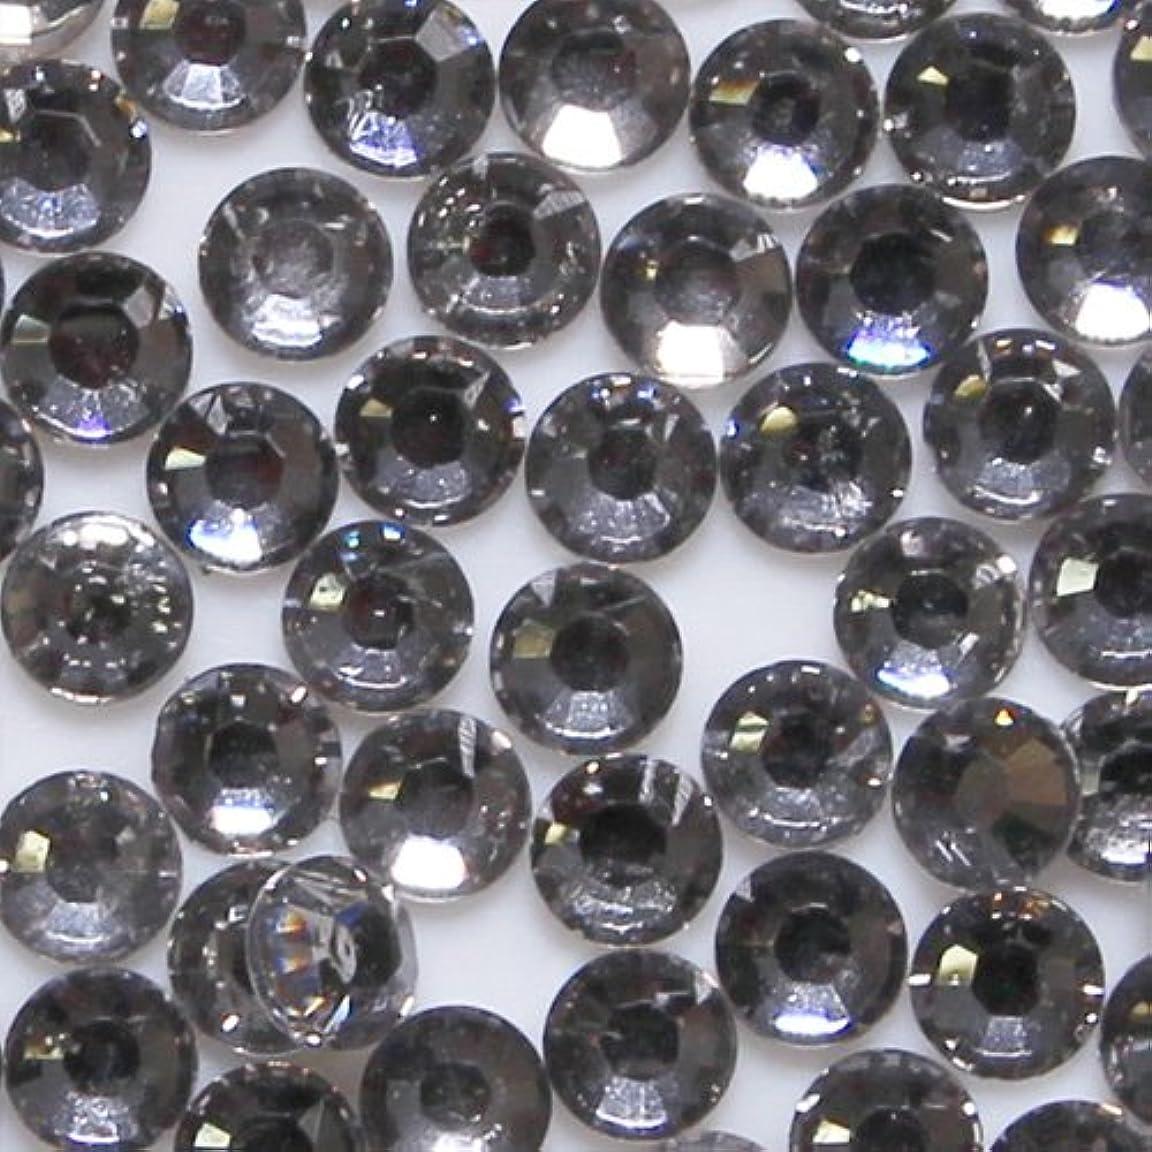 追い払う教育伝統高品質 アクリルストーン ラインストーン ラウンドフラット 約1000粒入り 4mm ブラックダイヤモンド